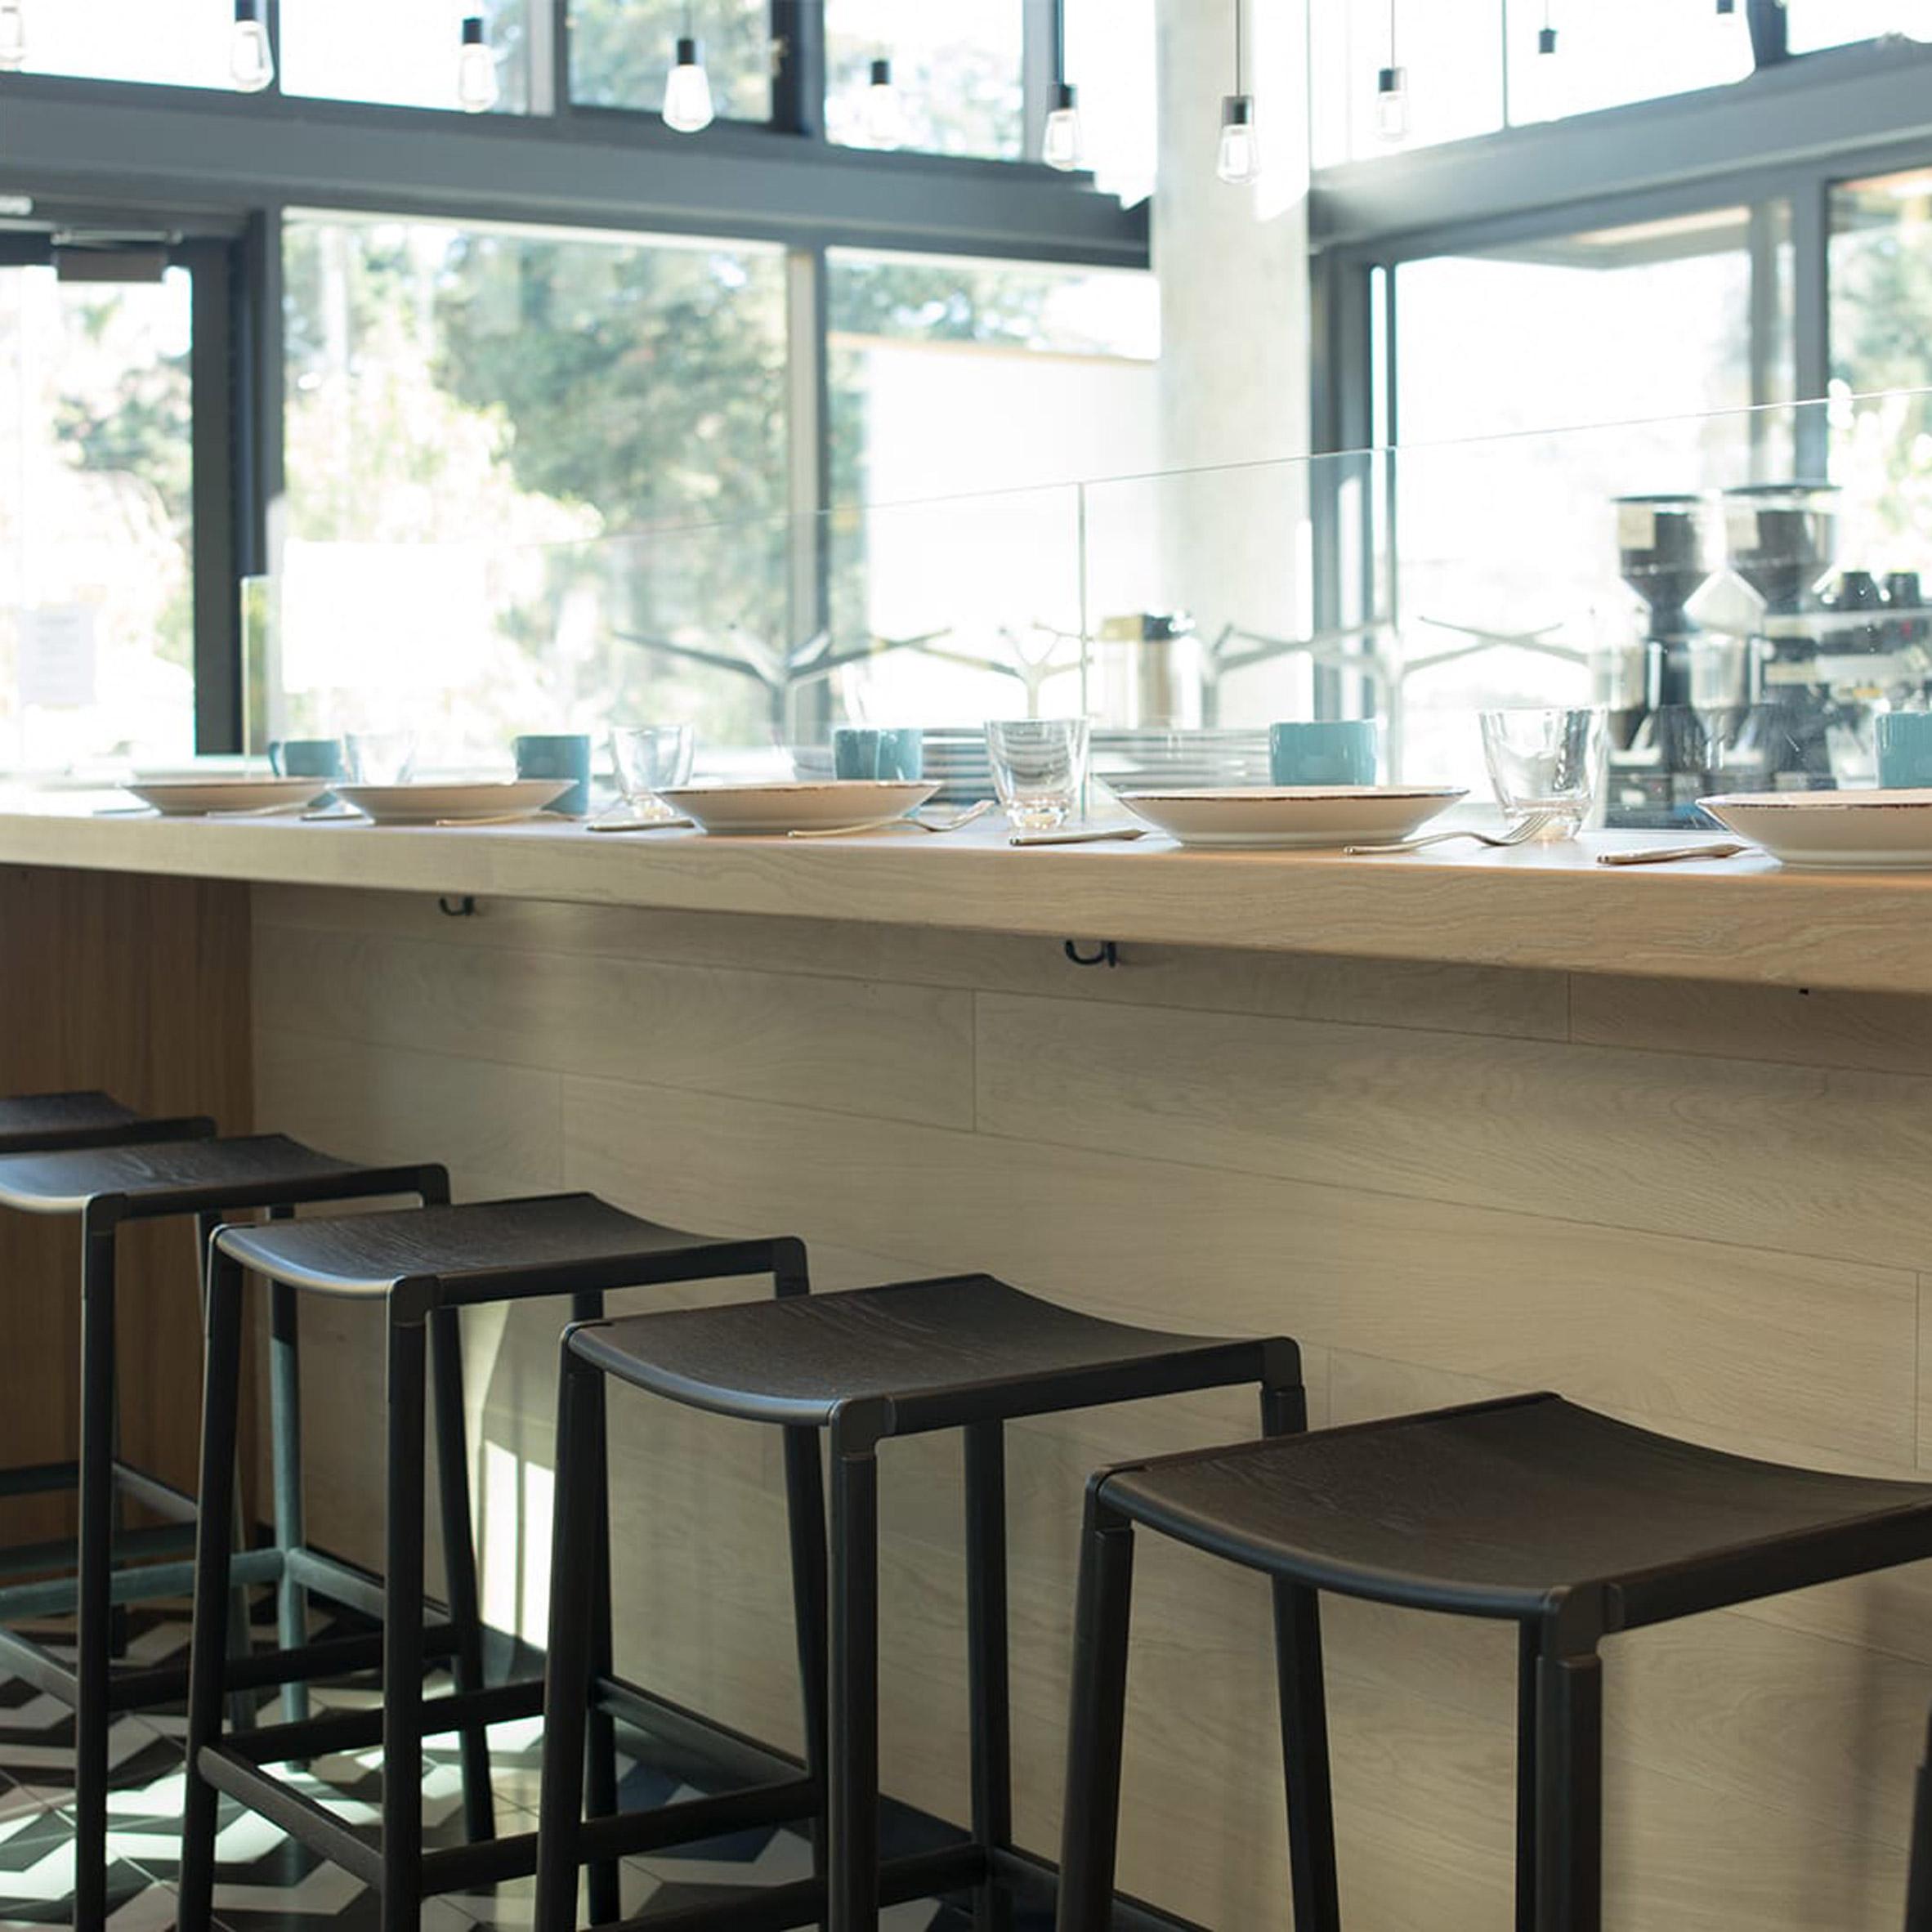 Bartlett Backless bar stool by Fryn